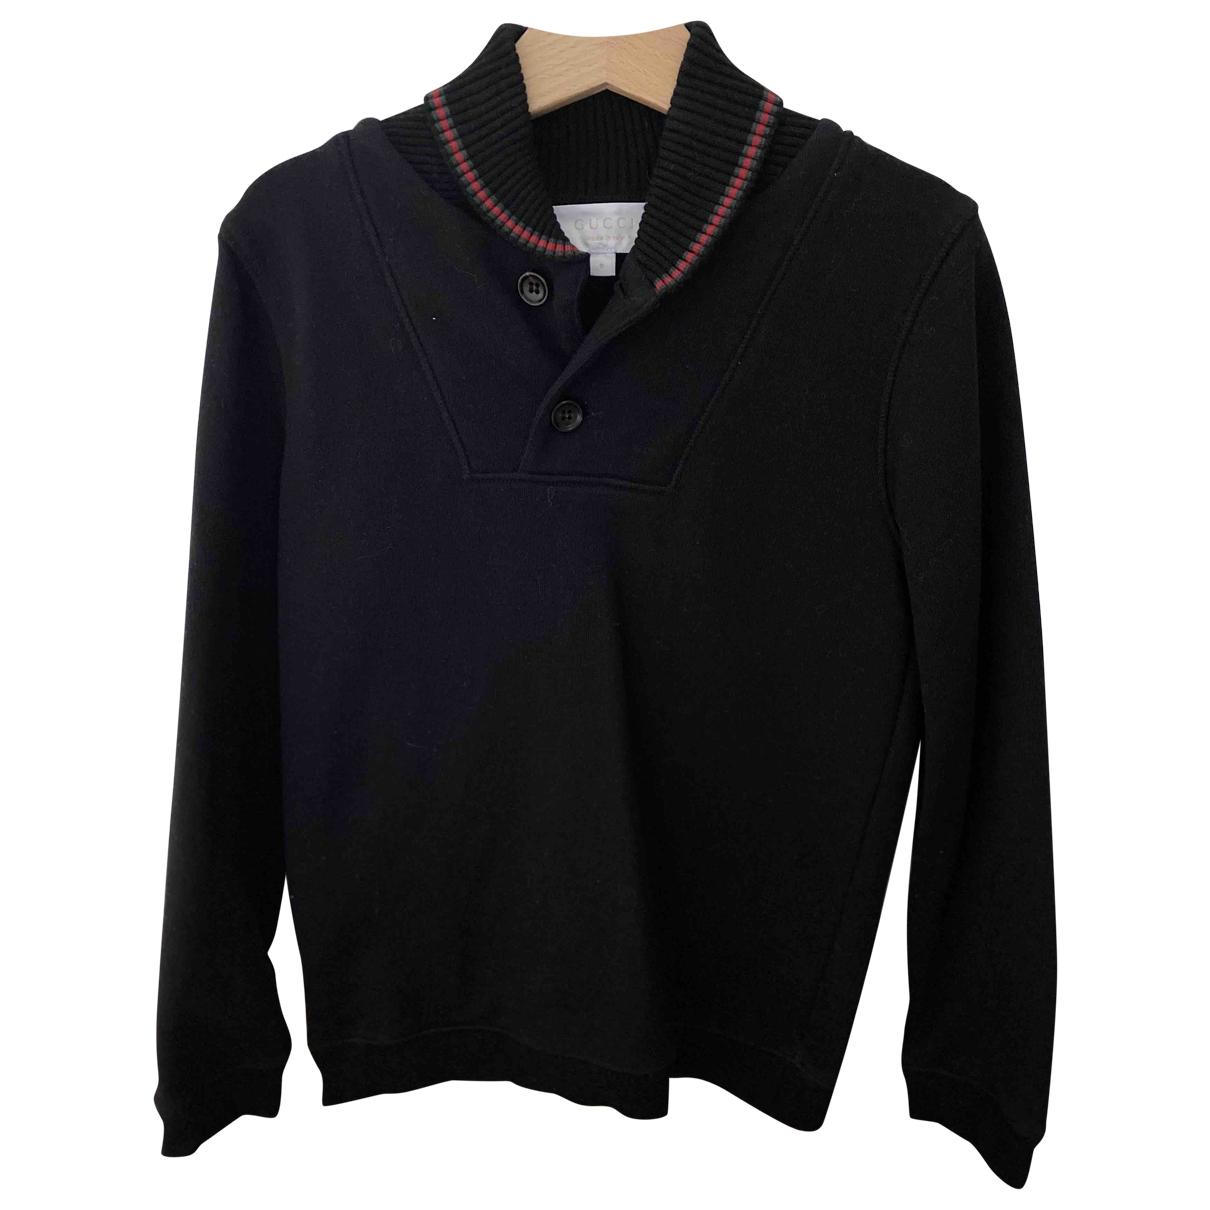 Gucci - Pull   pour enfant en coton - noir